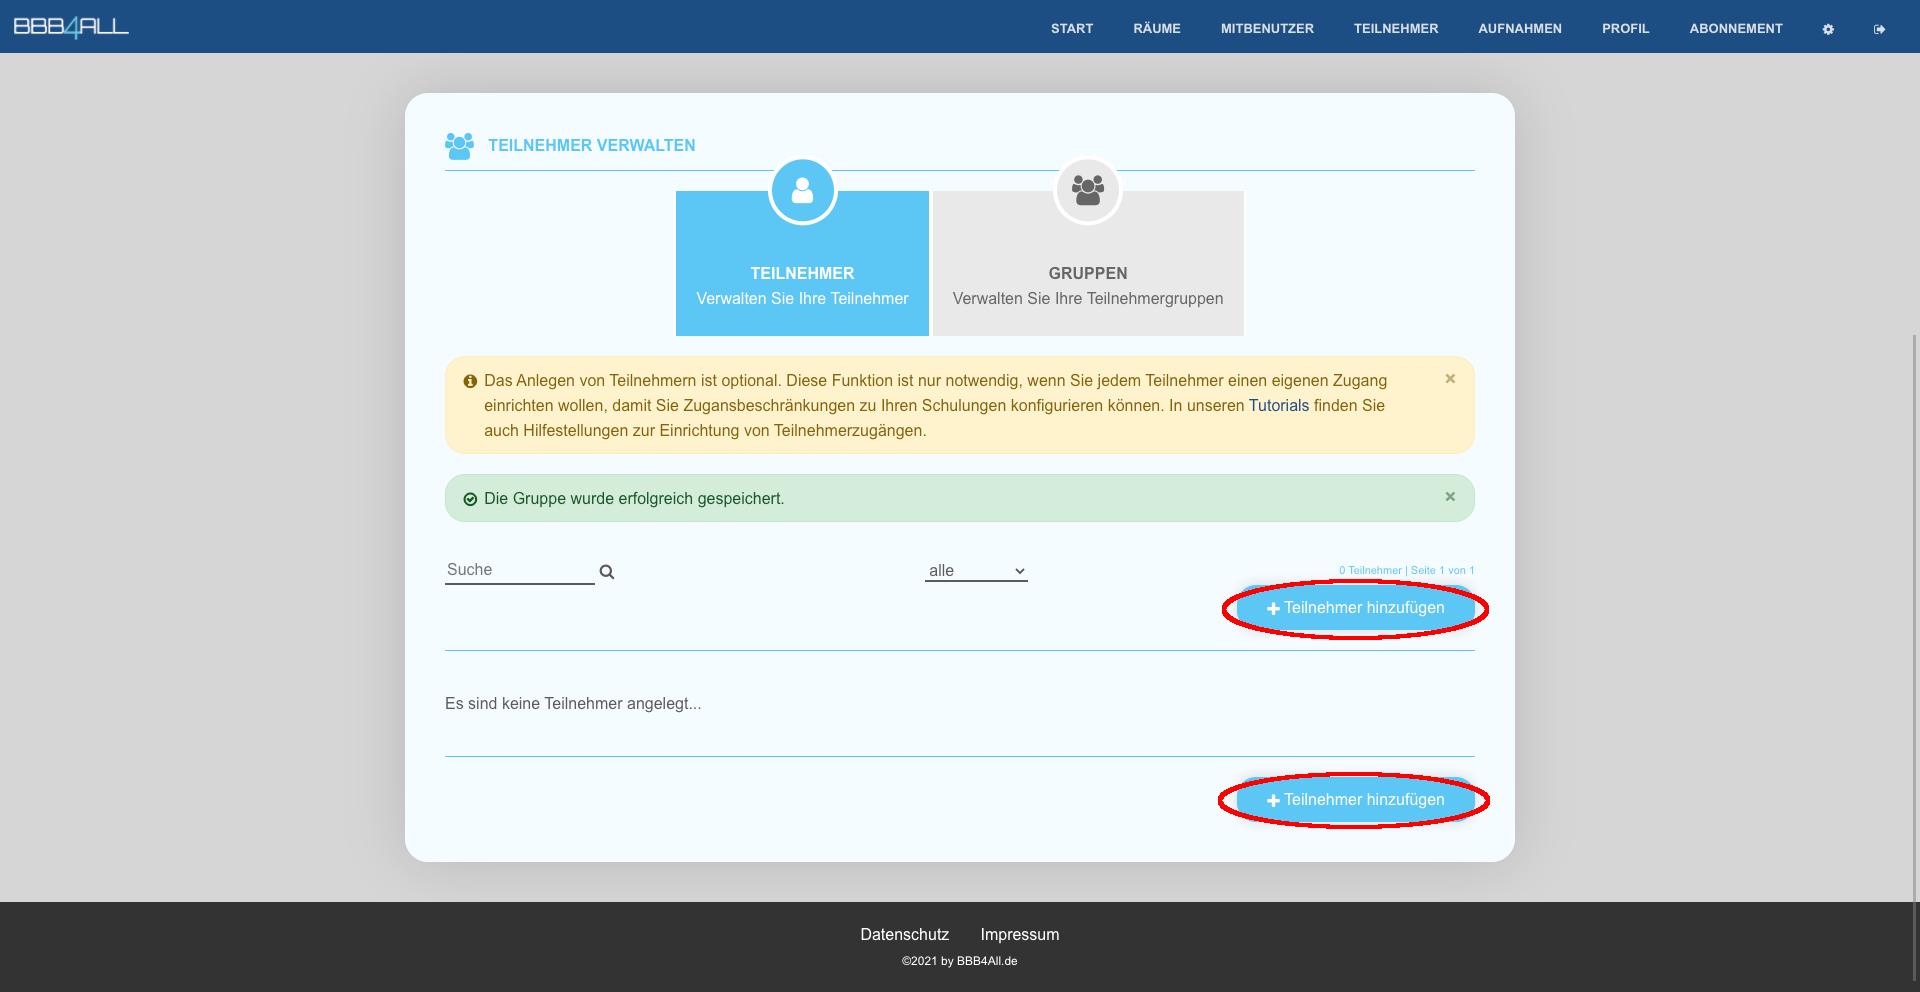 Schritt 5 - Klicken Sie auf Teilnehmer hinzufügen